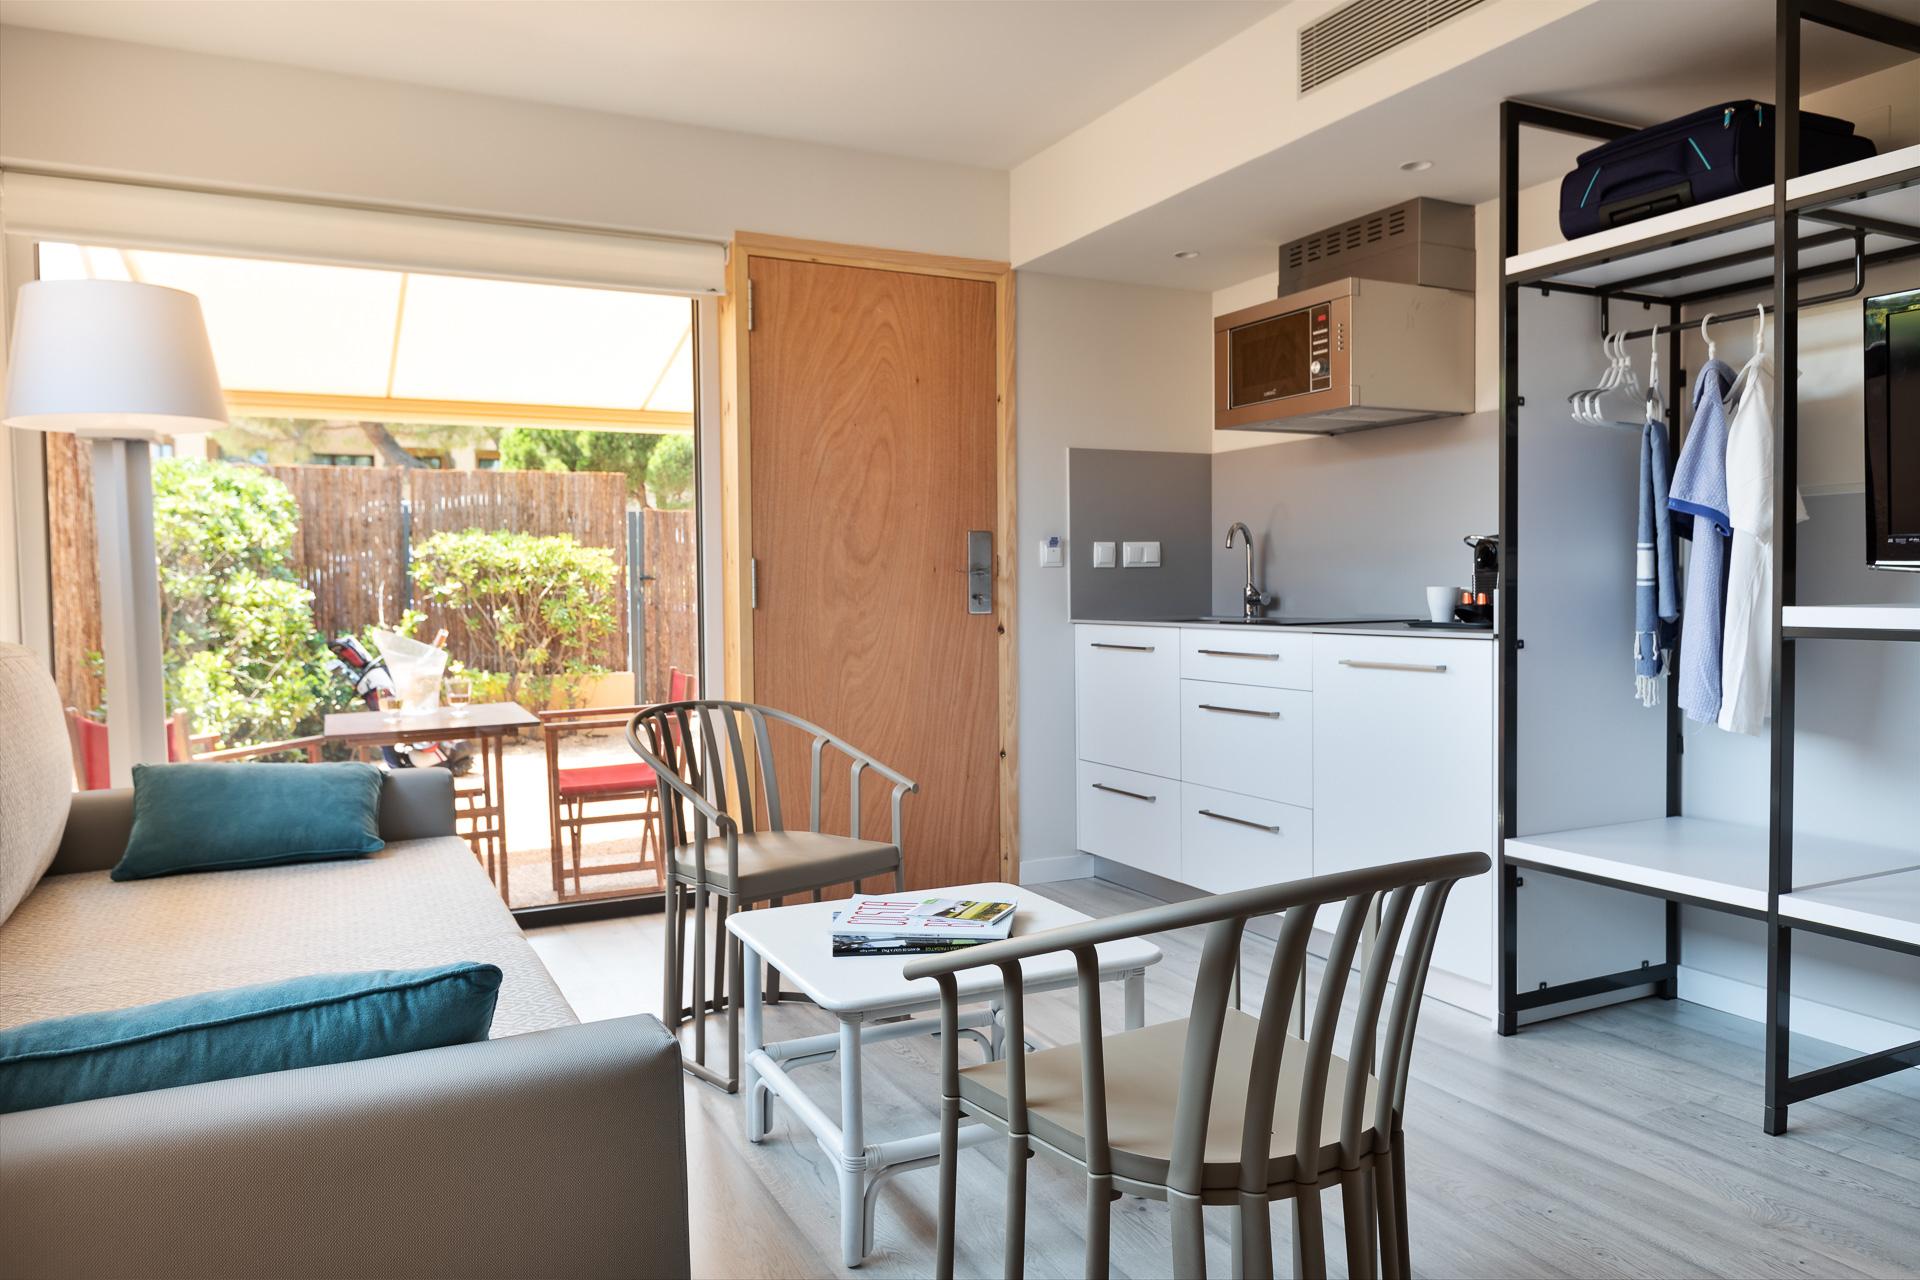 Bungalow À Pals, Costa Brava, Espagne | Apartaments Golf serapportantà Bungalow De Jardin Design